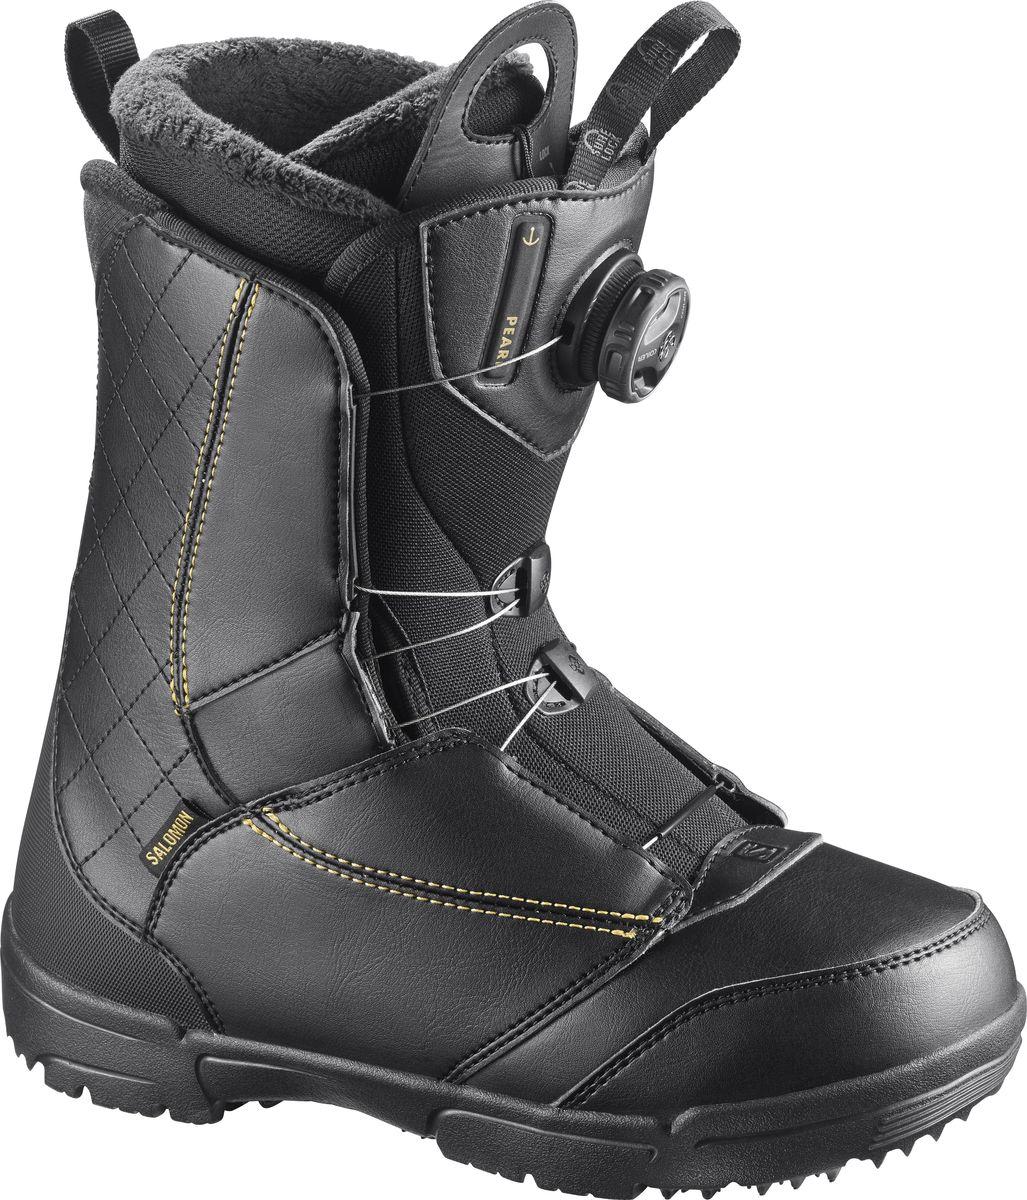 Ботинки для сноуборда Salomon Pearl Boa, цвет: черный, золотистый. Размер 26,5 (40,5)L39868900Простые, быстрые, женственные - Pearl BOA отличаются потрясающим утеплением, посадкой и долговечностью.